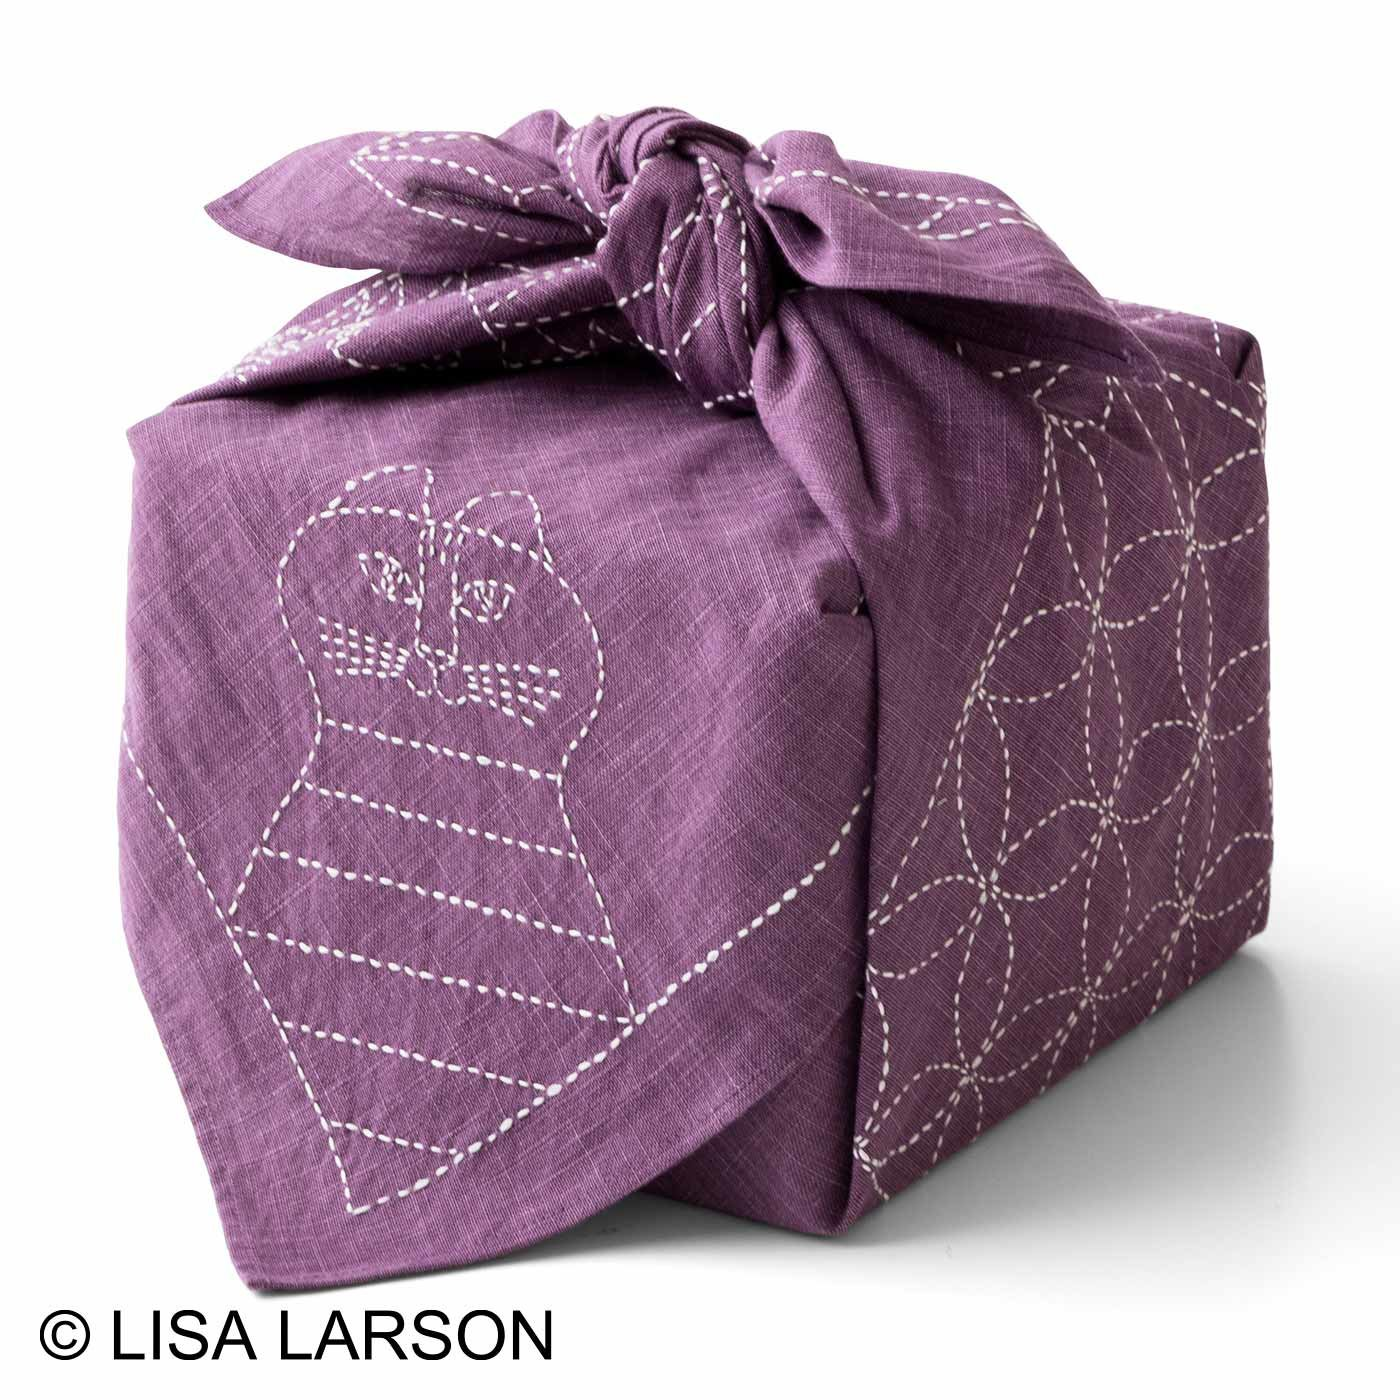 クチュリエ×リサ・ラーソン 縫製済みがうれしい ちくちく刺し子の大判風呂敷(藤)